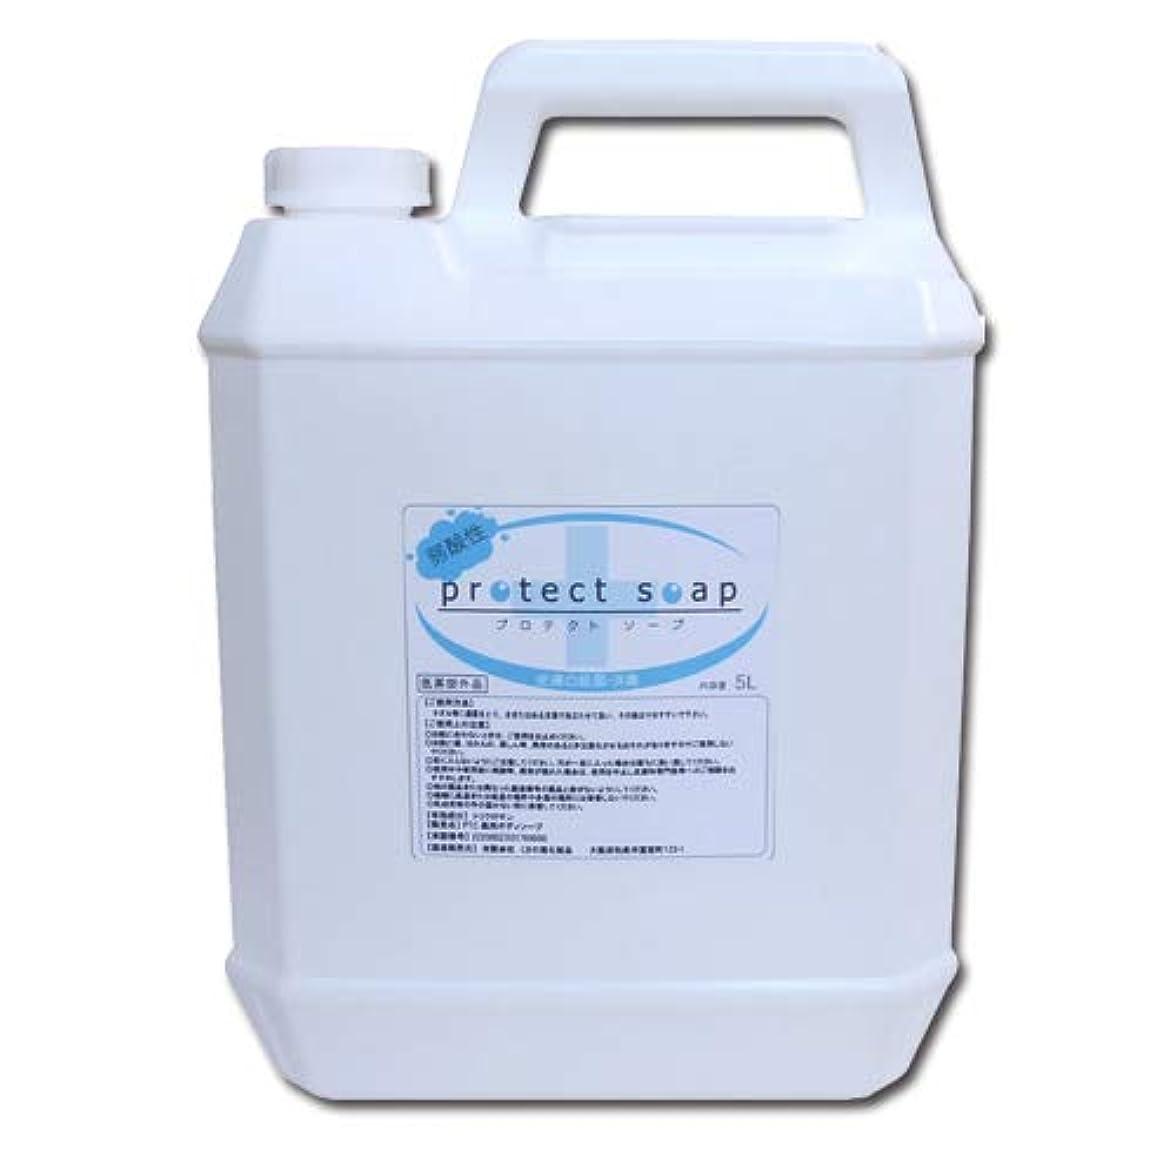 忙しい気まぐれな小売低刺激弱酸性 液体石鹸 プロテクトソープ 5L 業務用│せっけん液 液体せっけん 殺菌?消毒 インフルエンザ?ノロウィルス対策